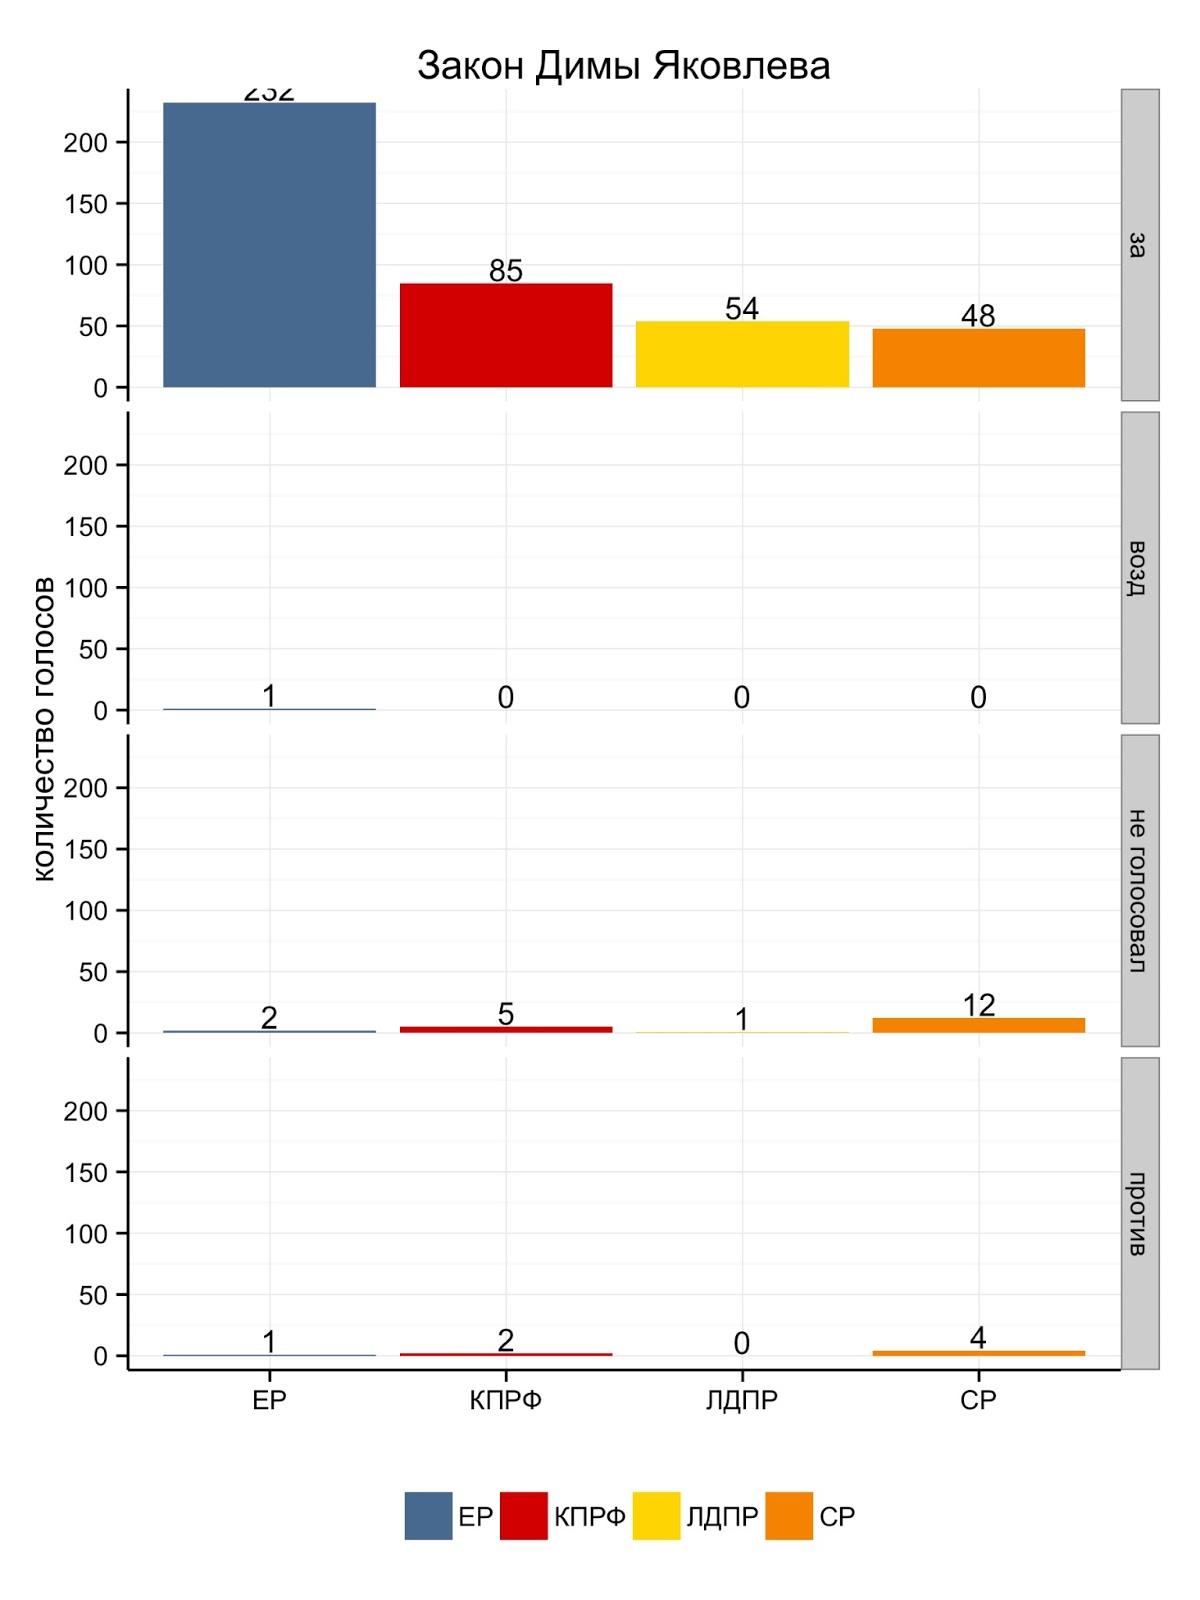 Cтатистика голосовоний по закону Димы Яковлева